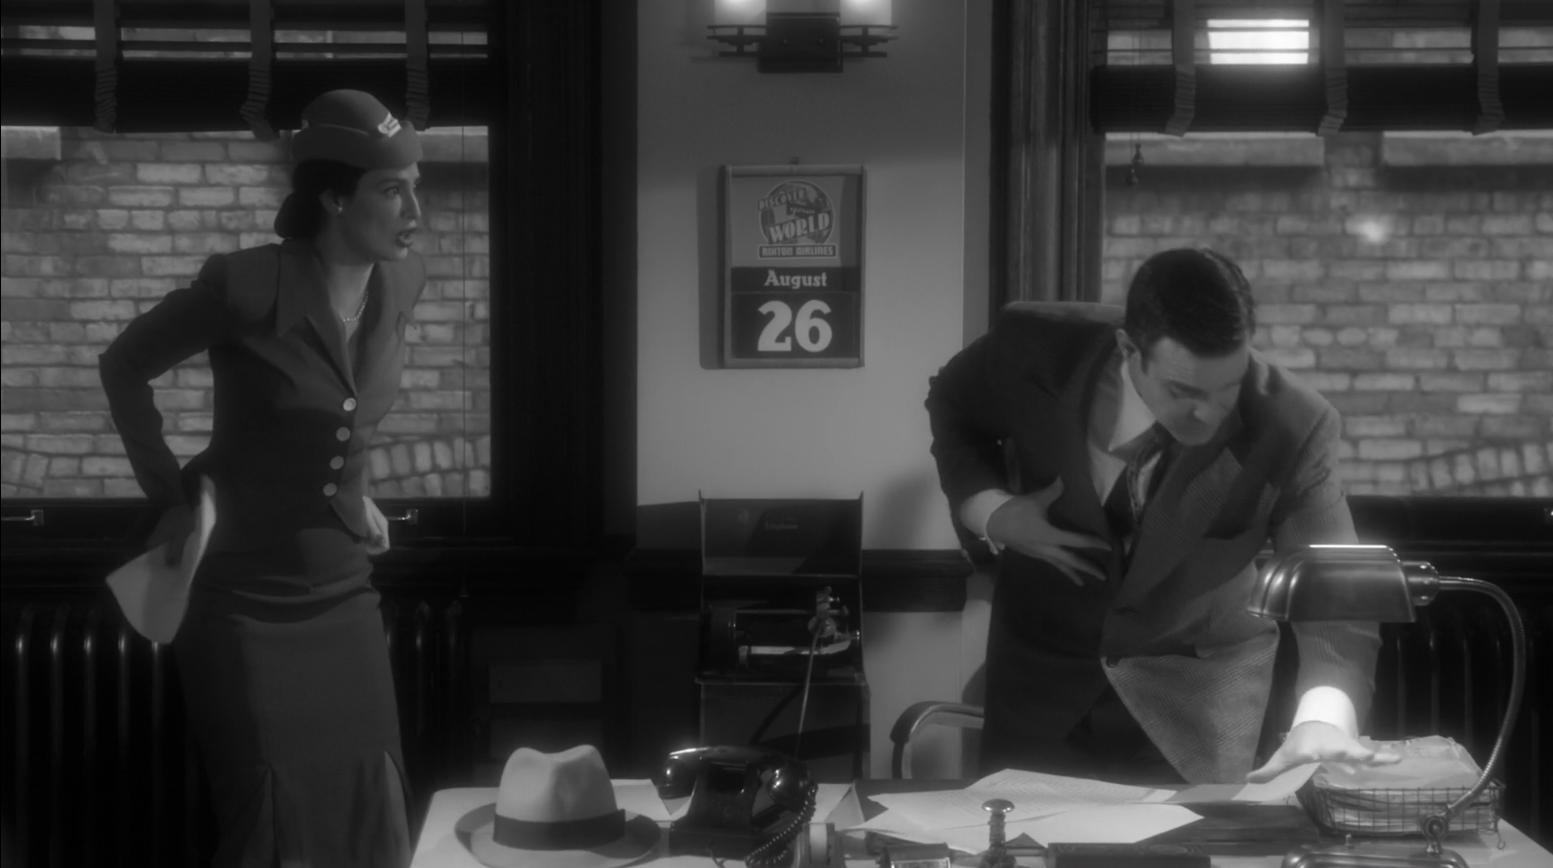 Myka Bering (Joanne Kelly) in tight skirt 1940's